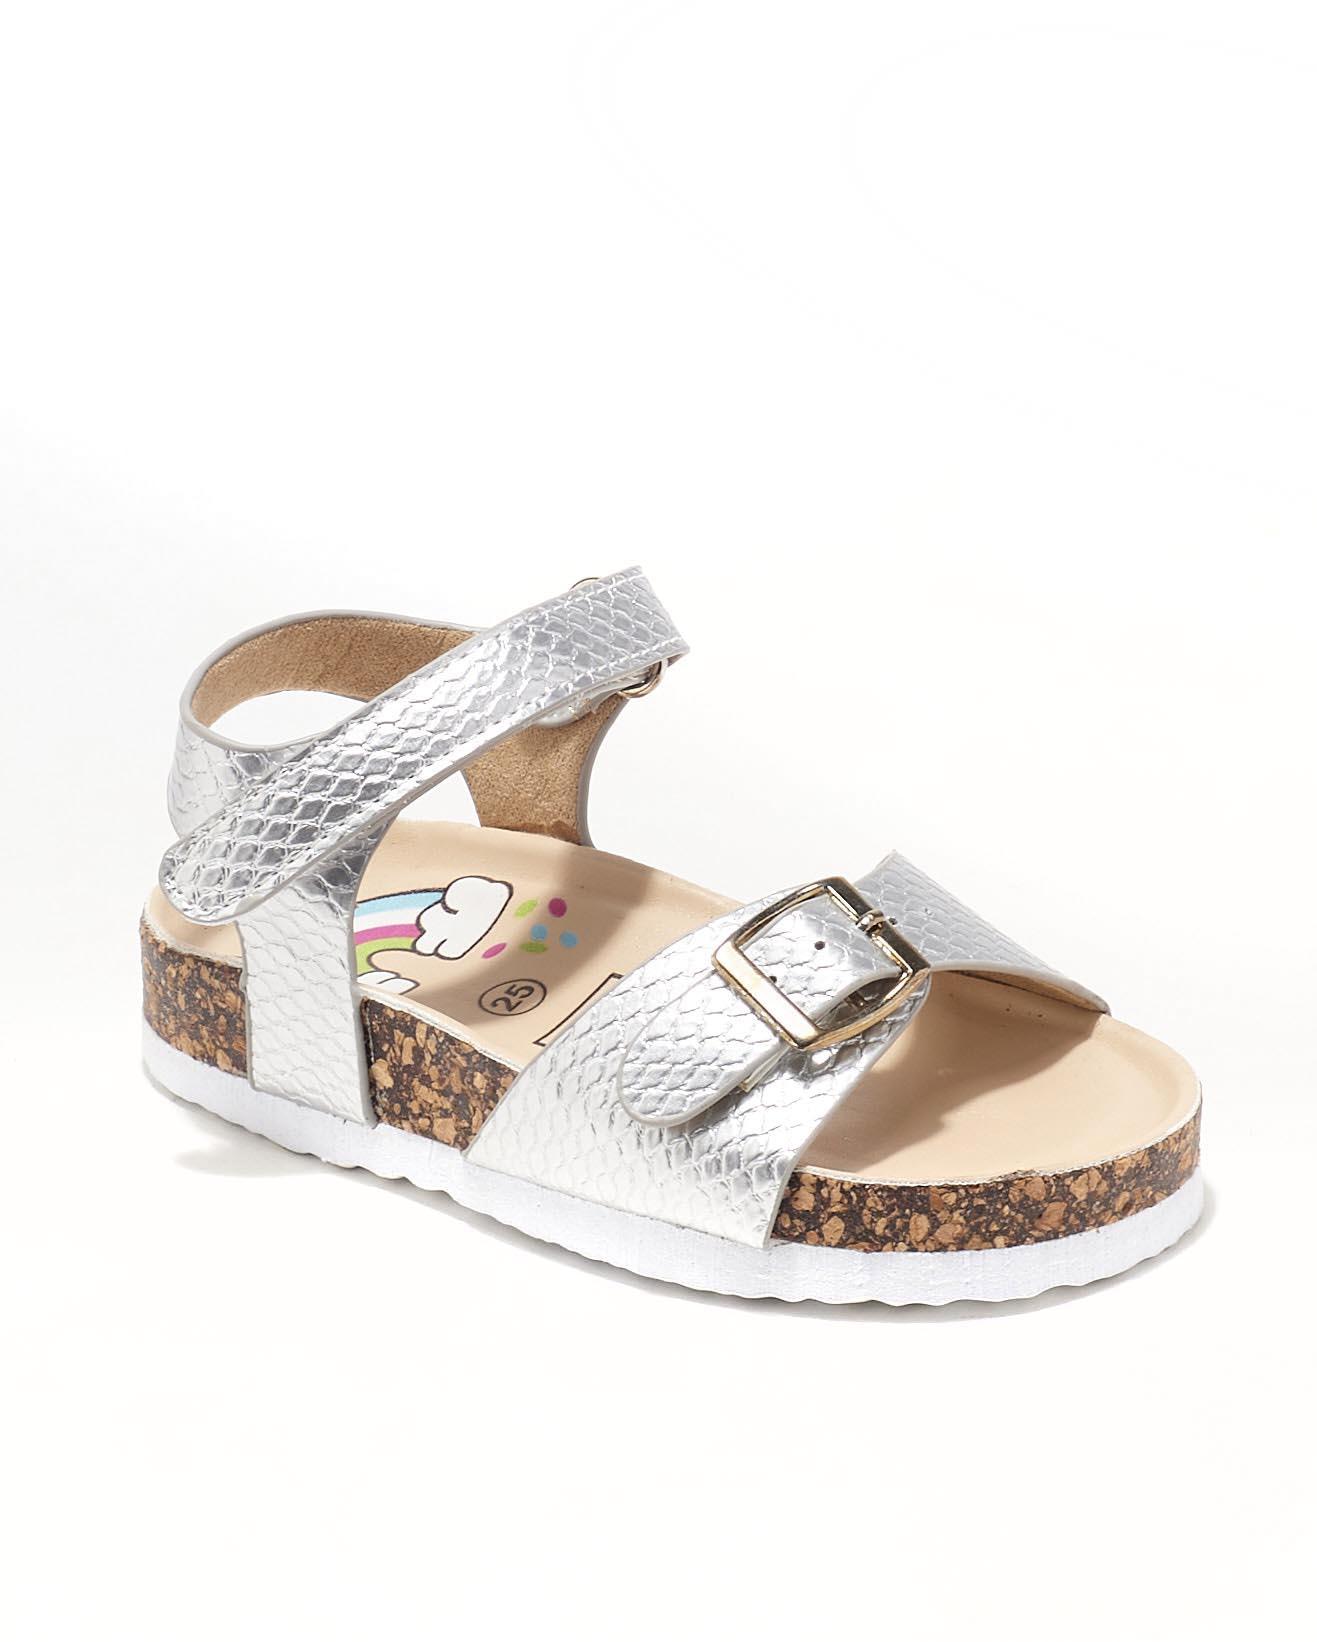 Sandales Fille - Sandale Ouverte Argent Jina - Ct00010